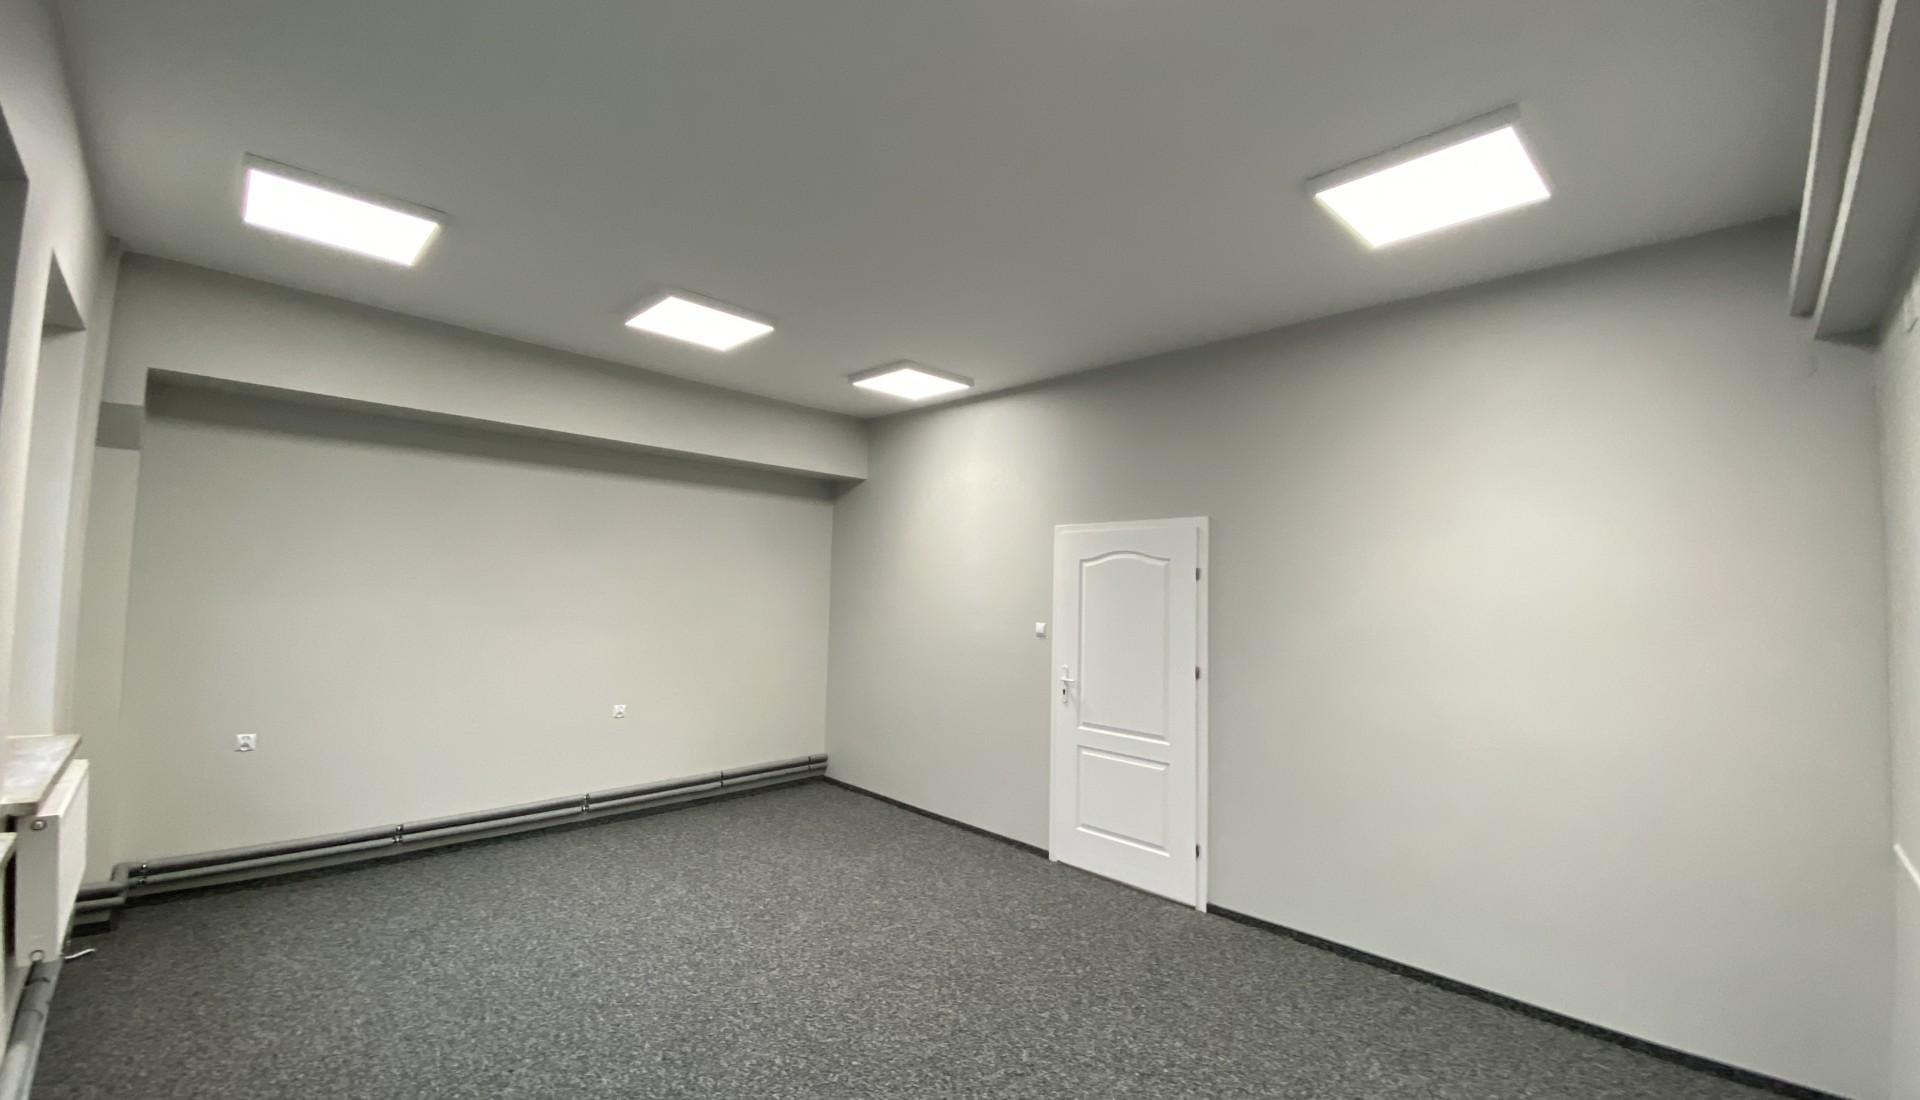 biuro o powierzchni 25,6 m<sup>2</sup> - Farbud Nieruchomości - Lublin